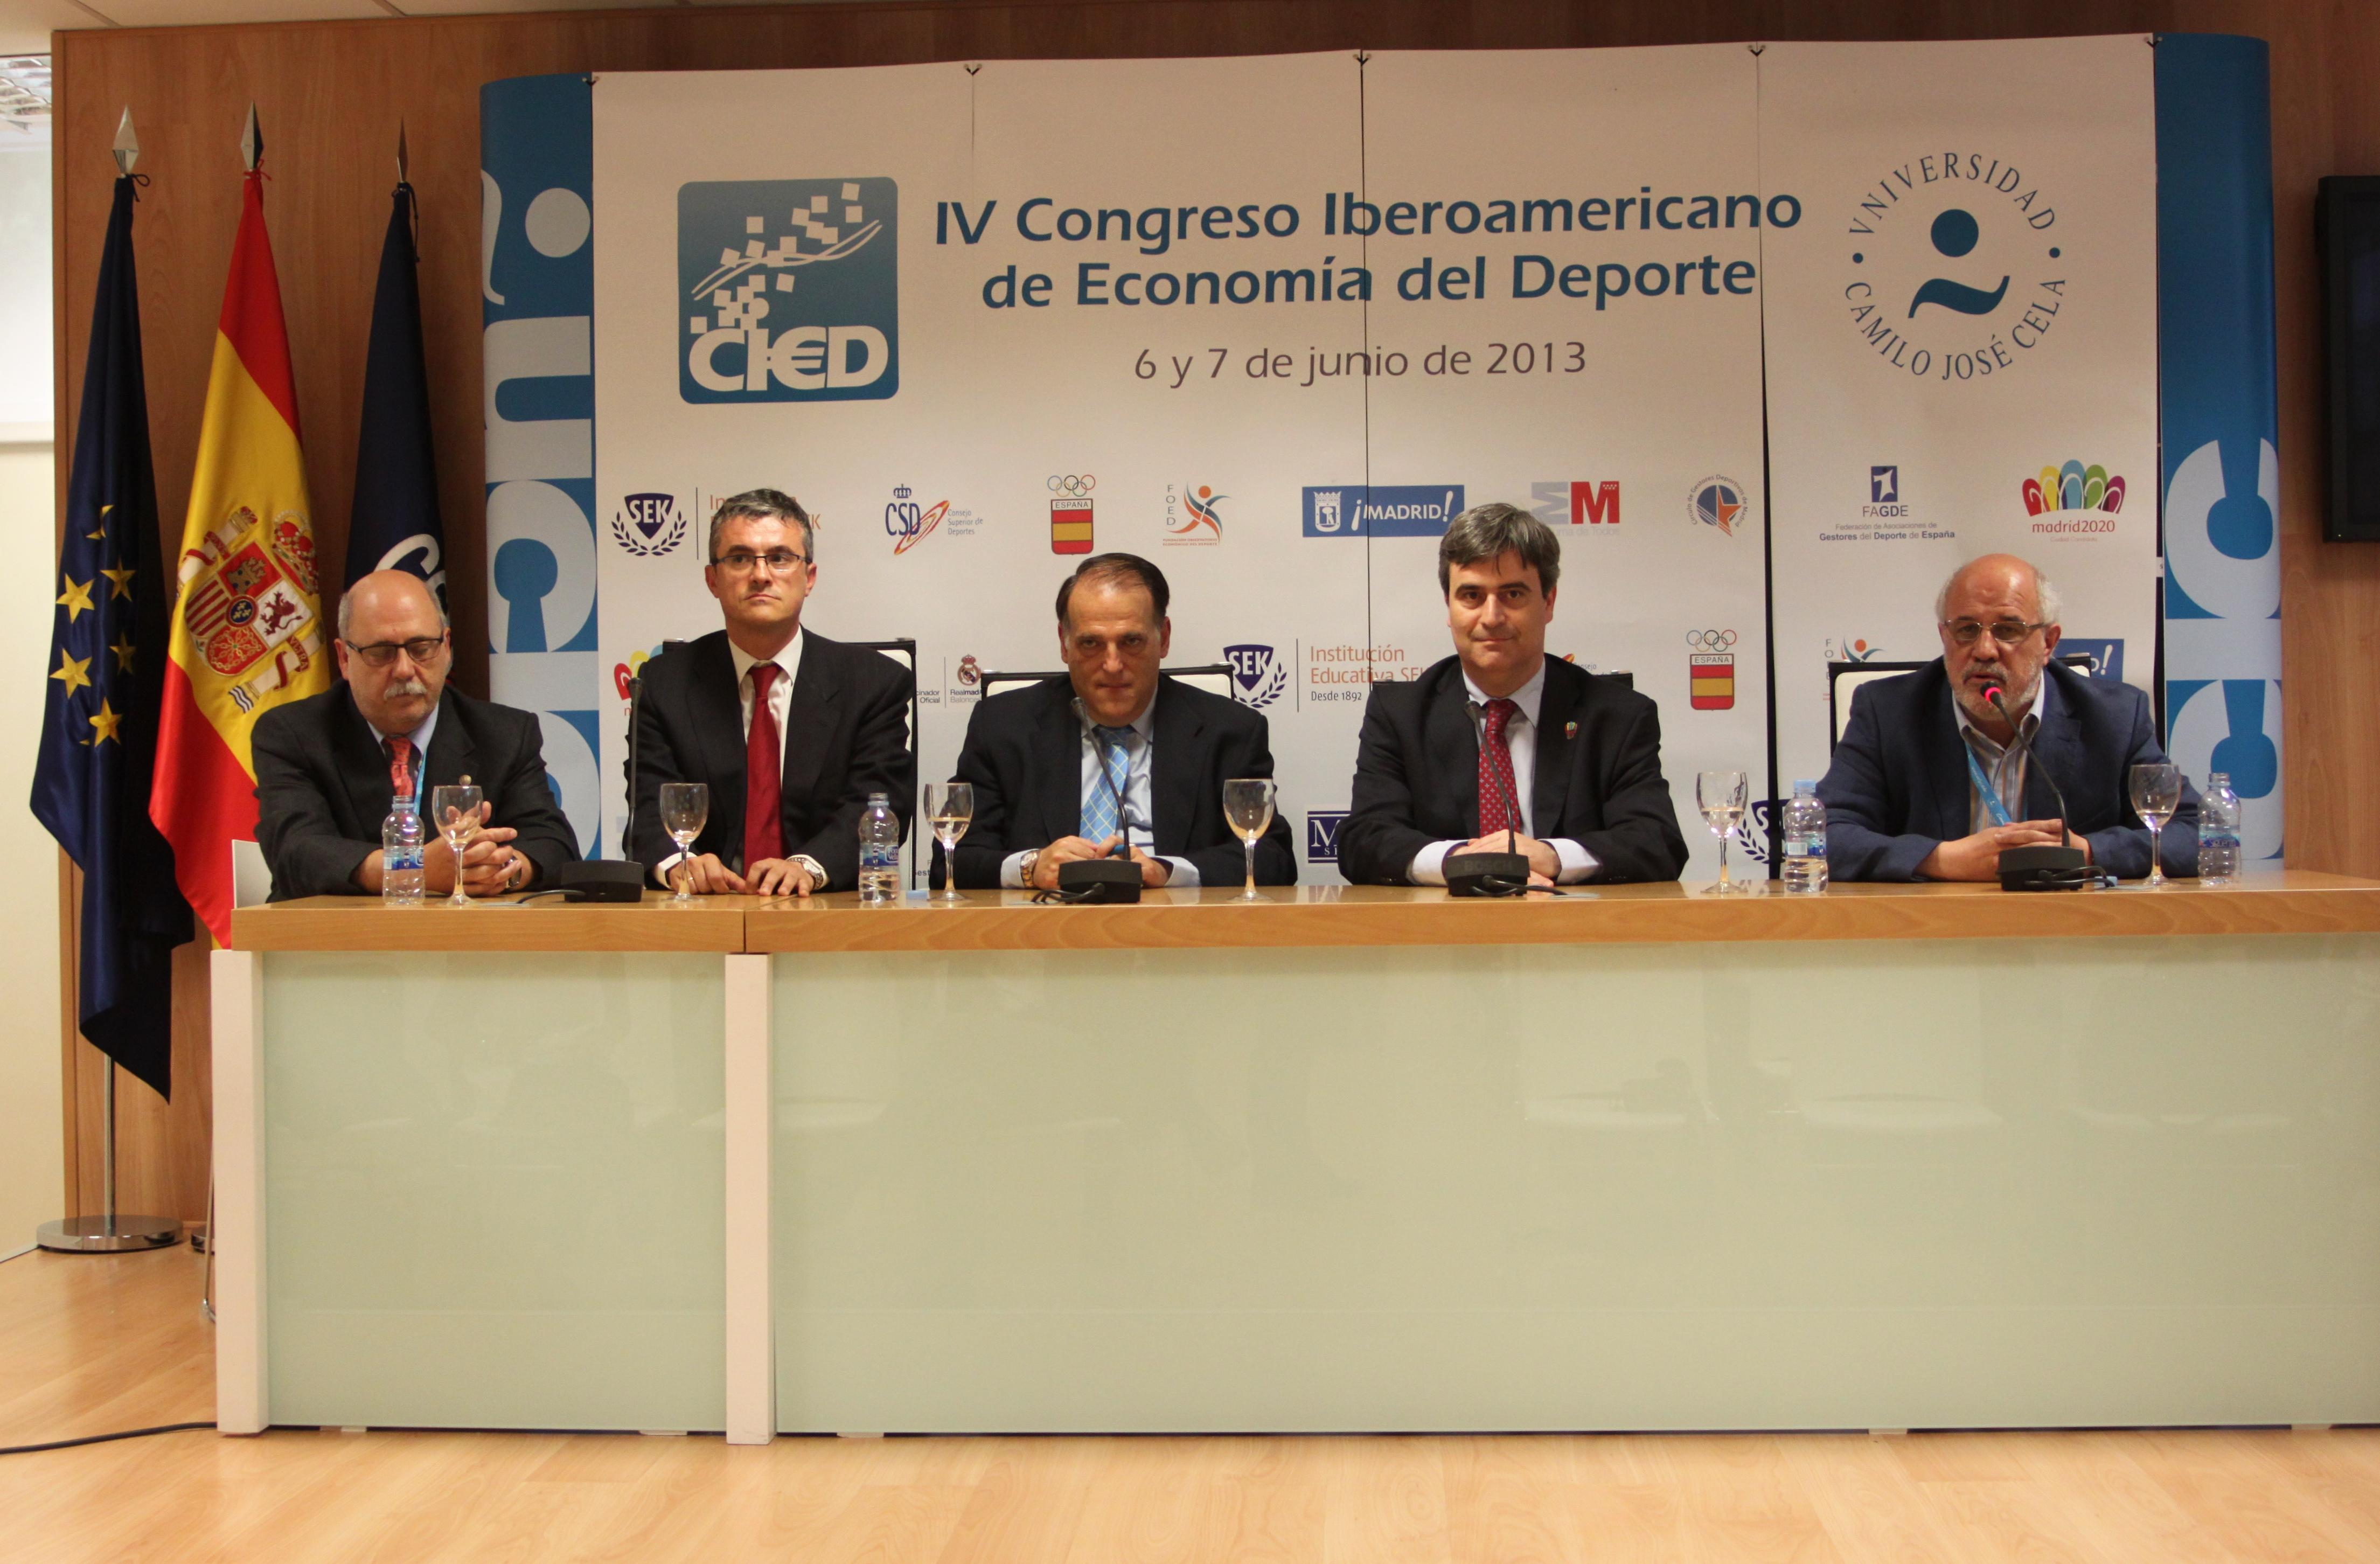 La pasada edición del Congreso de Economía del Deporte